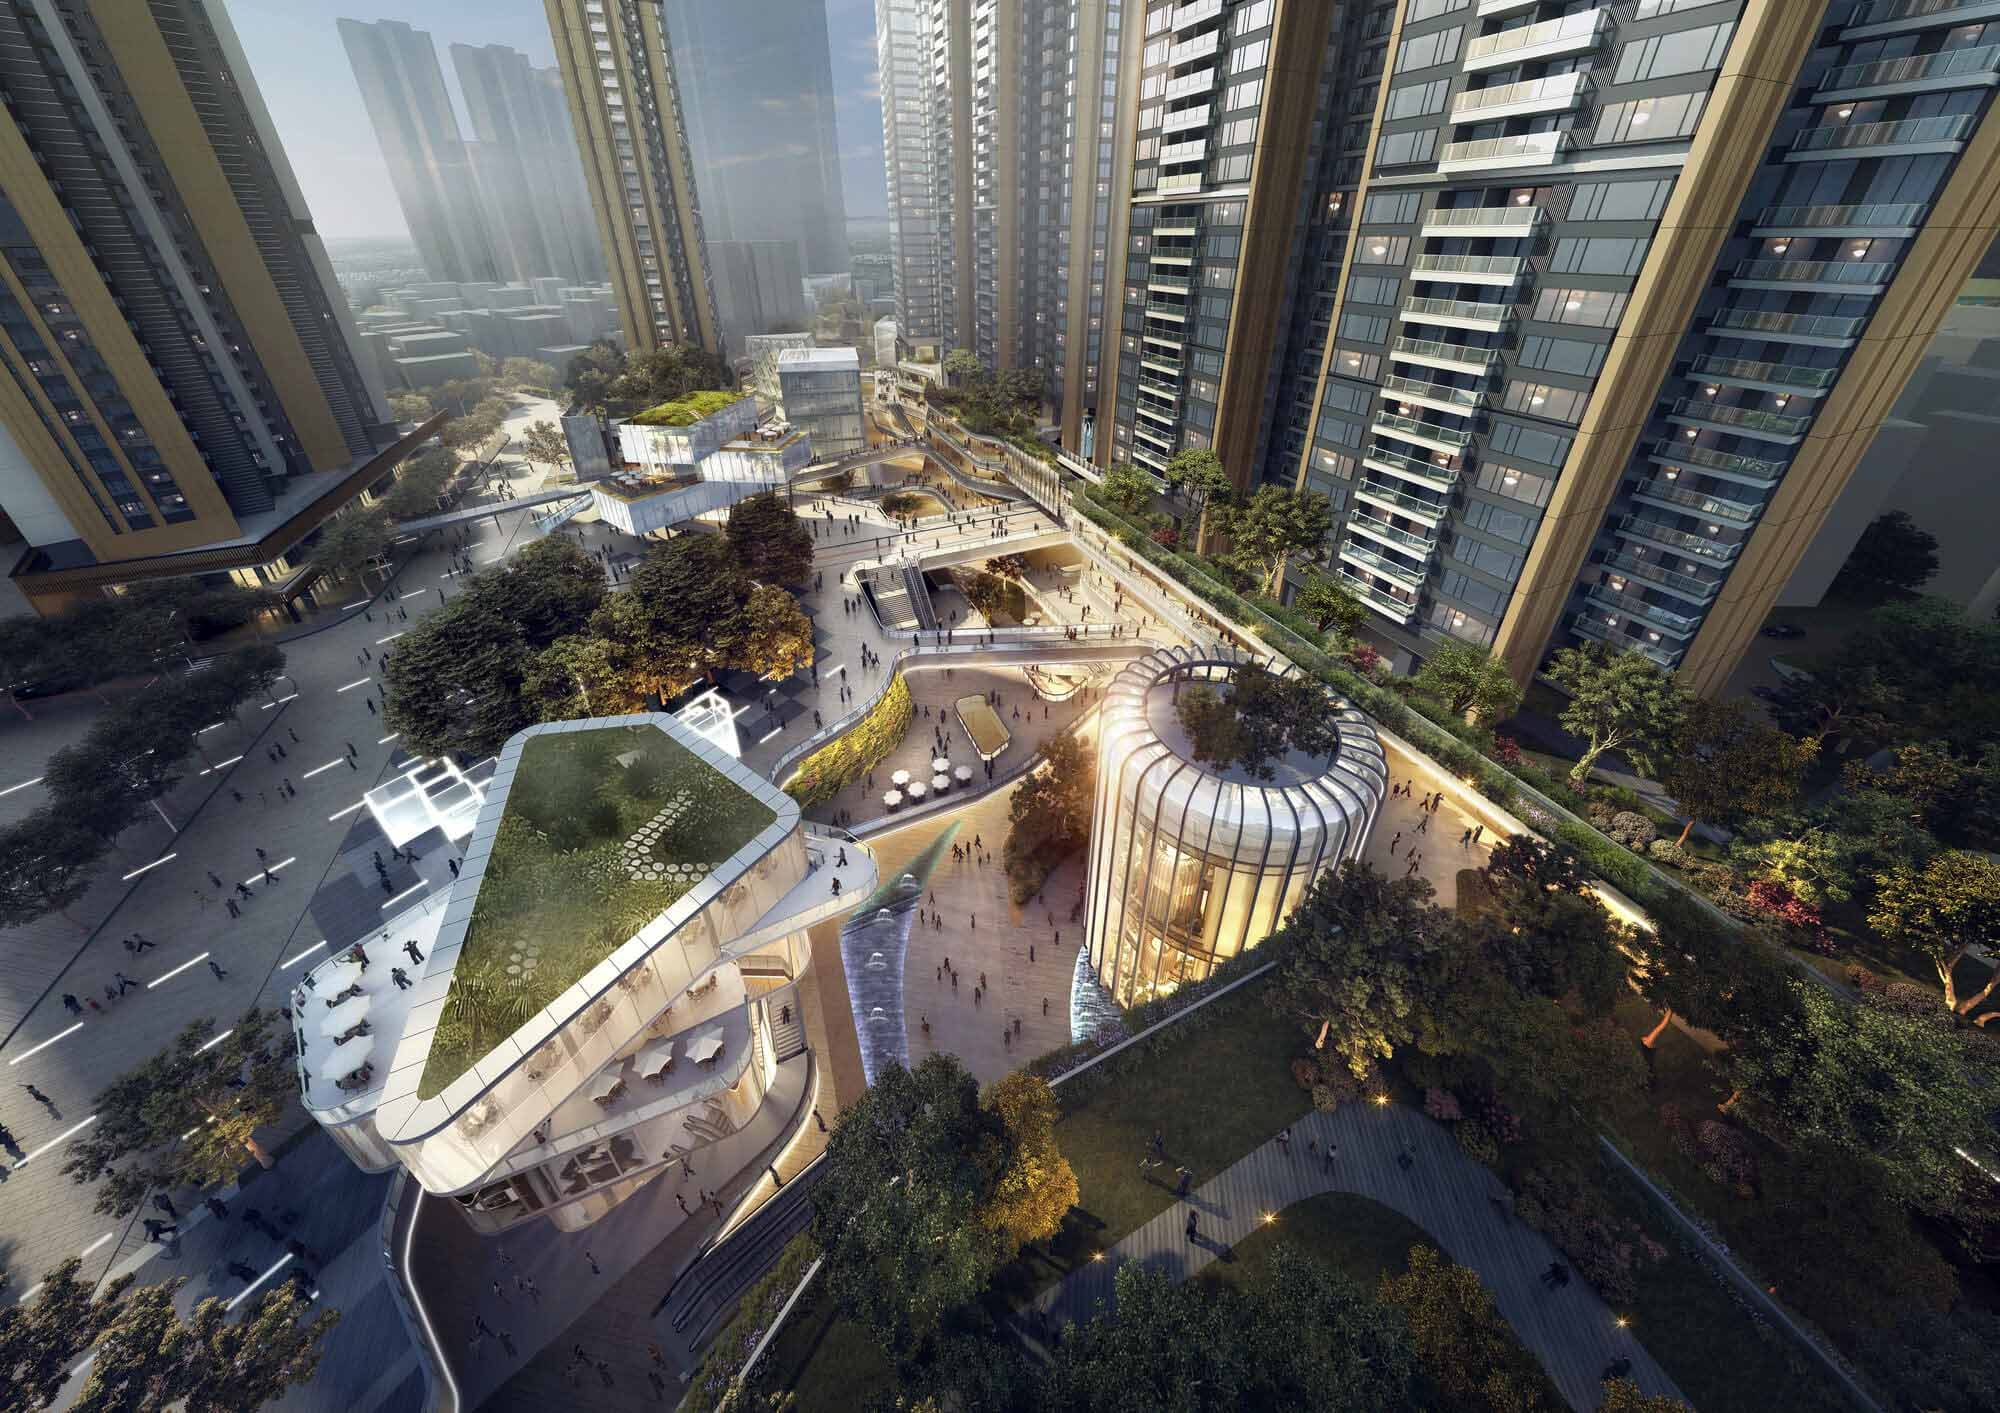 Aedas раскрывает данные о многоцелевой городской застройке в Шэньчжэне